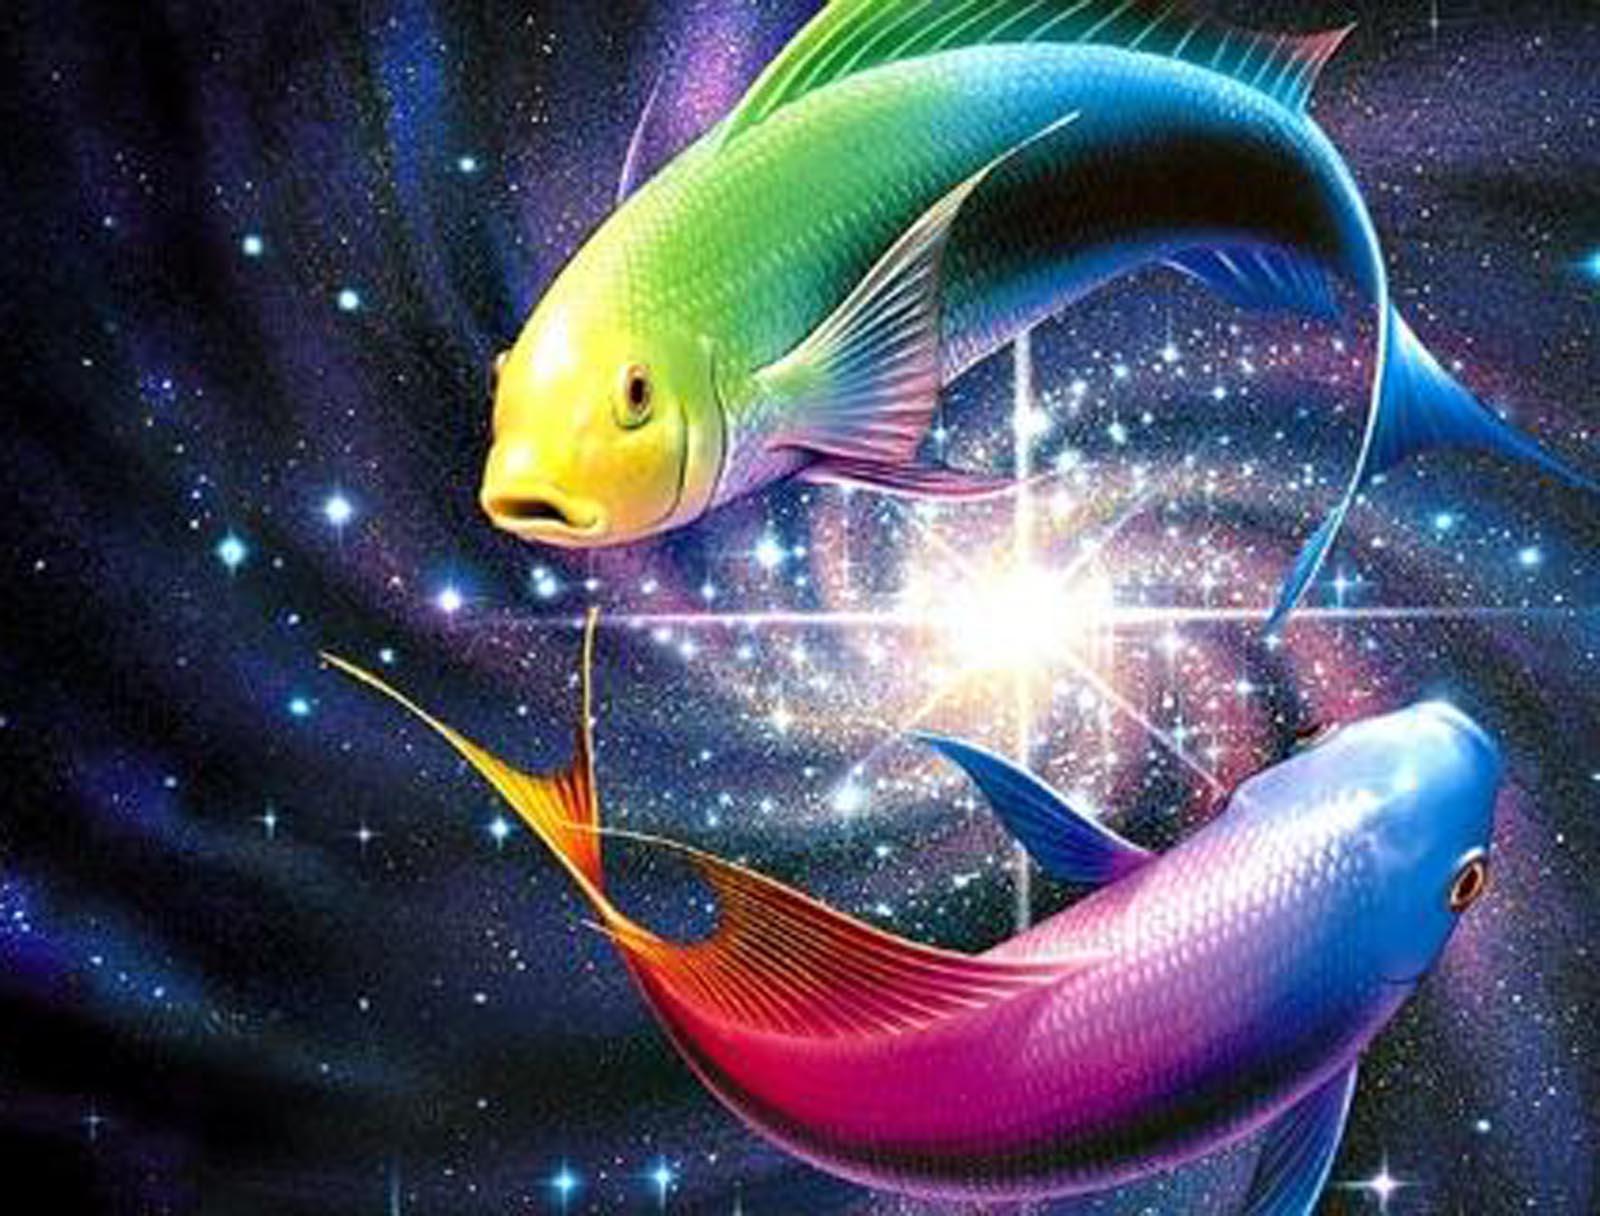 http://2.bp.blogspot.com/-o7DPjDe7Rmc/UCTUzy5go3I/AAAAAAAAEP0/xhTHkV-VIfA/s1600/Rainbow%2BFish%2BWallpaper%2B2.jpg